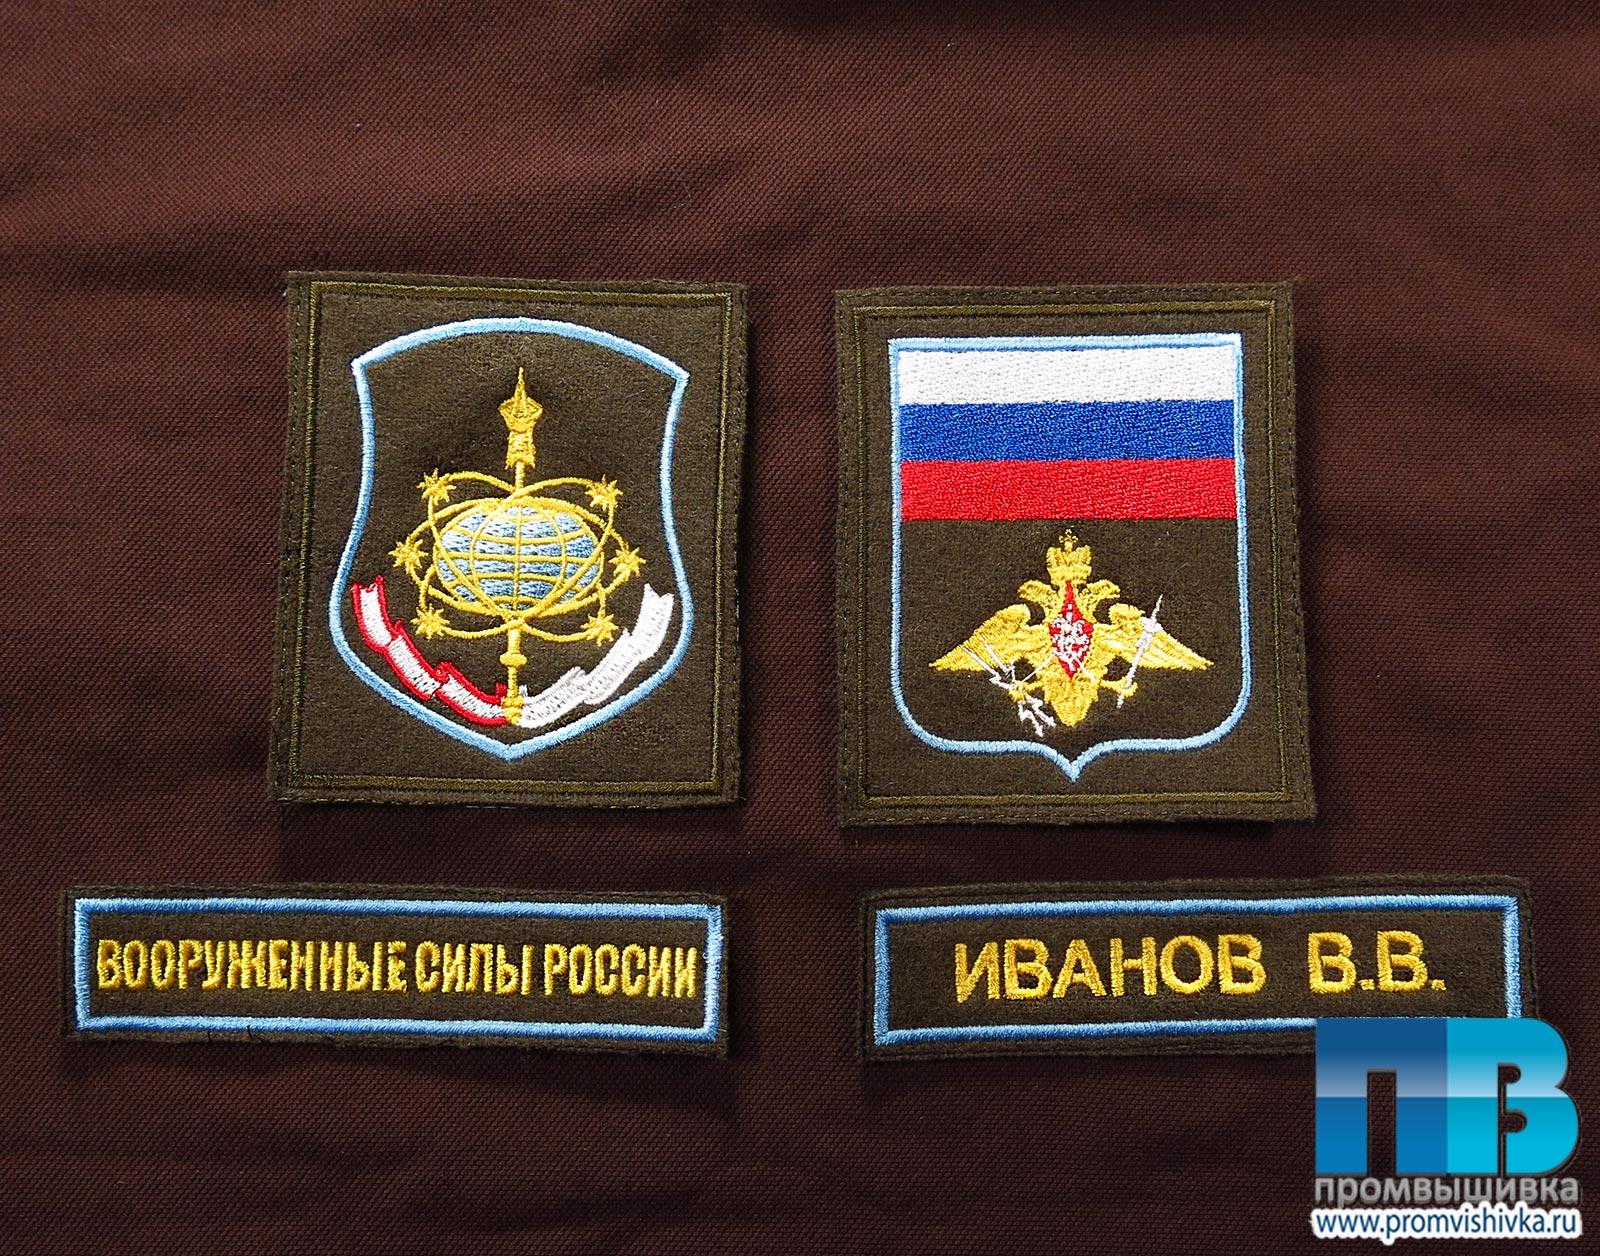 Shevrony Rossijskoj Armii Nashivki Vojsk Rossii Shevrony Rossii I Voennye Nashivki